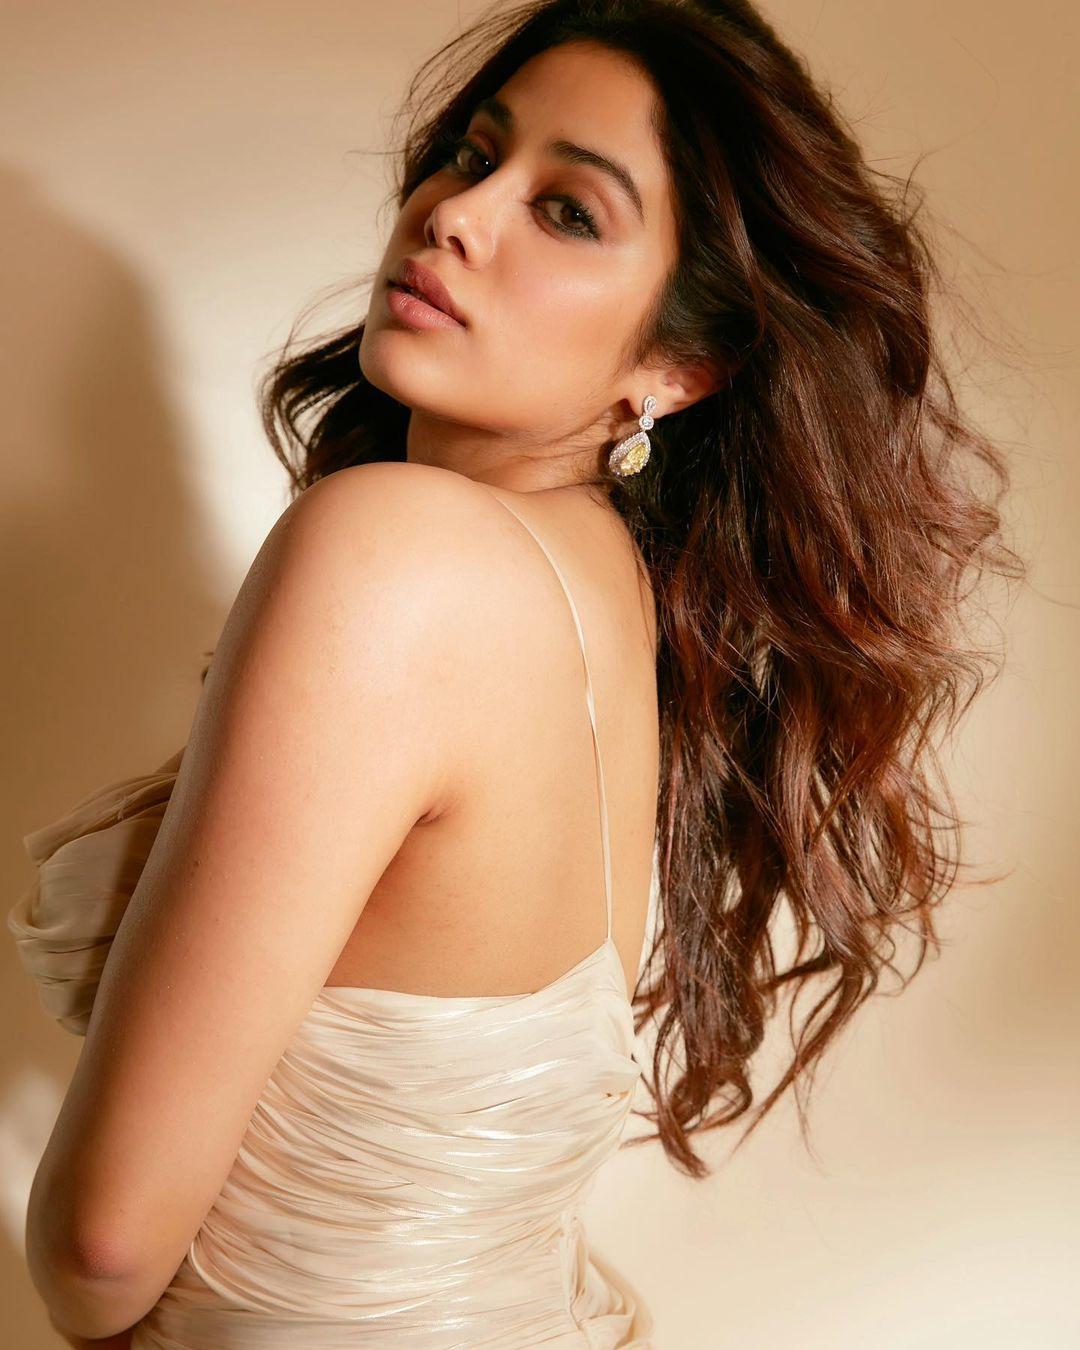 Janhvi Kapoor Fashion: जाह्नवी कपूर ने क्रीम रंग ड्रेस में फ्लॉन्ट किया स्टाइल, एक्ट्रेस ने खुद को बताया 'वेनिला आइसक्रीम'